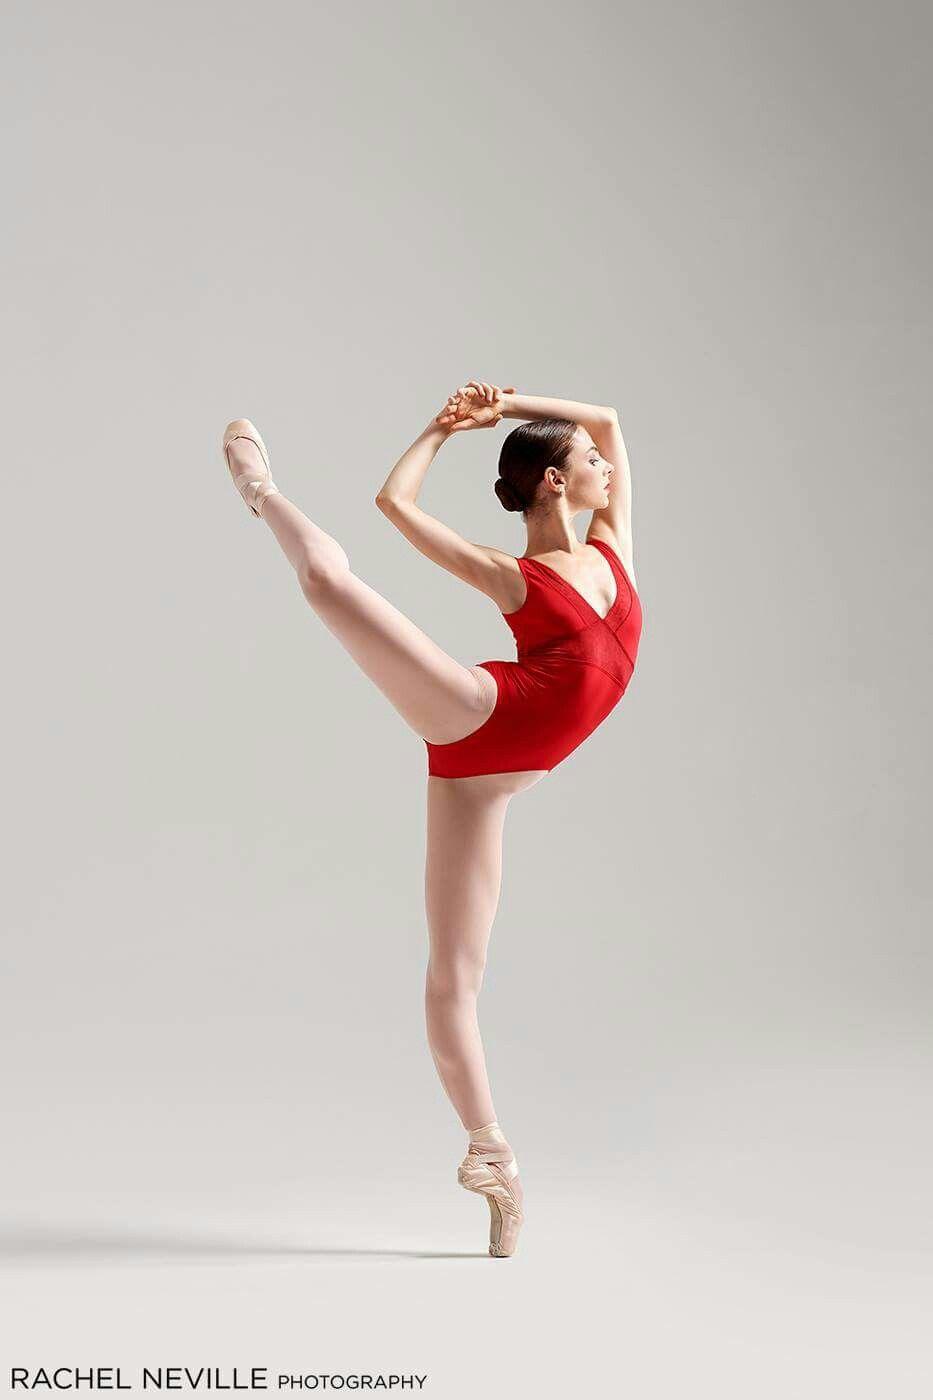 Attitude Ballet Danse Classique Danseuse Salle De Danse